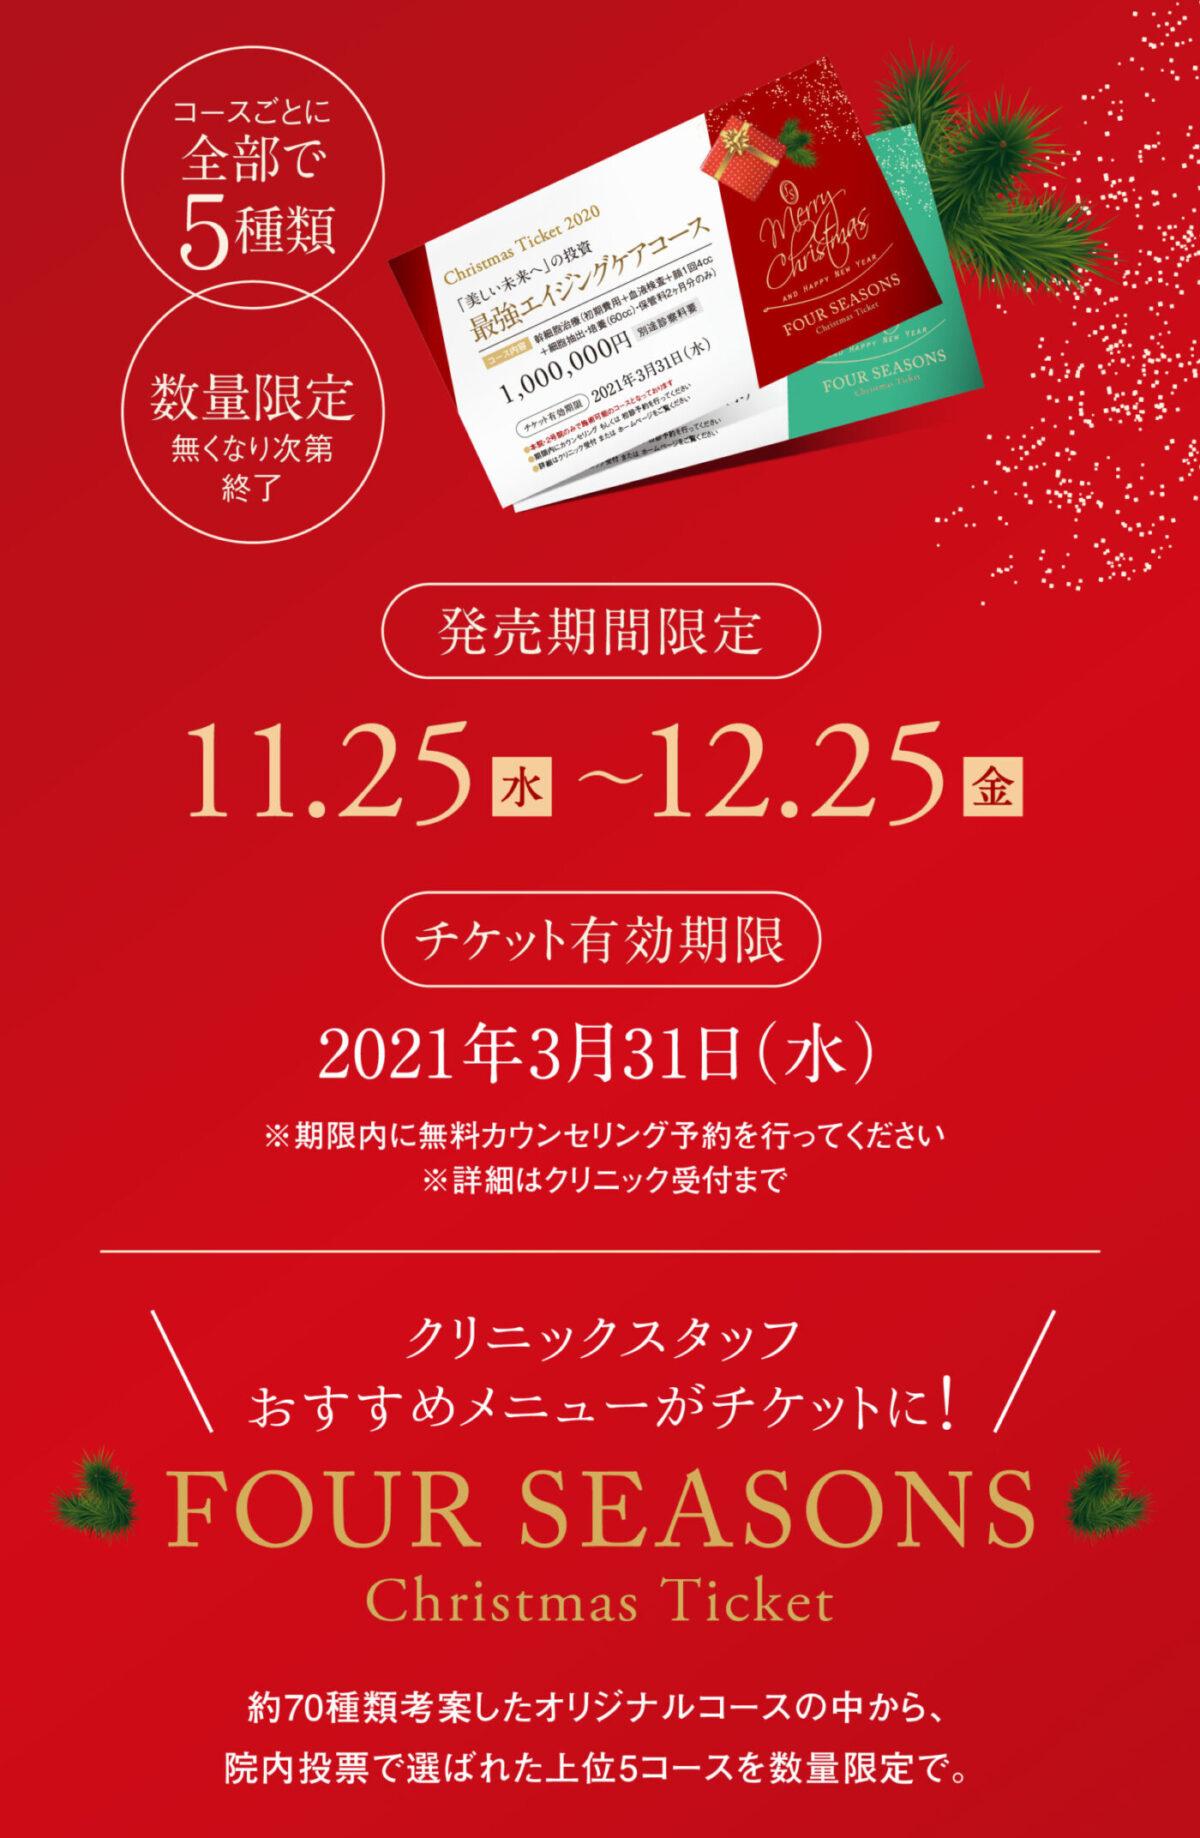 クリスマスチケット期間紹介